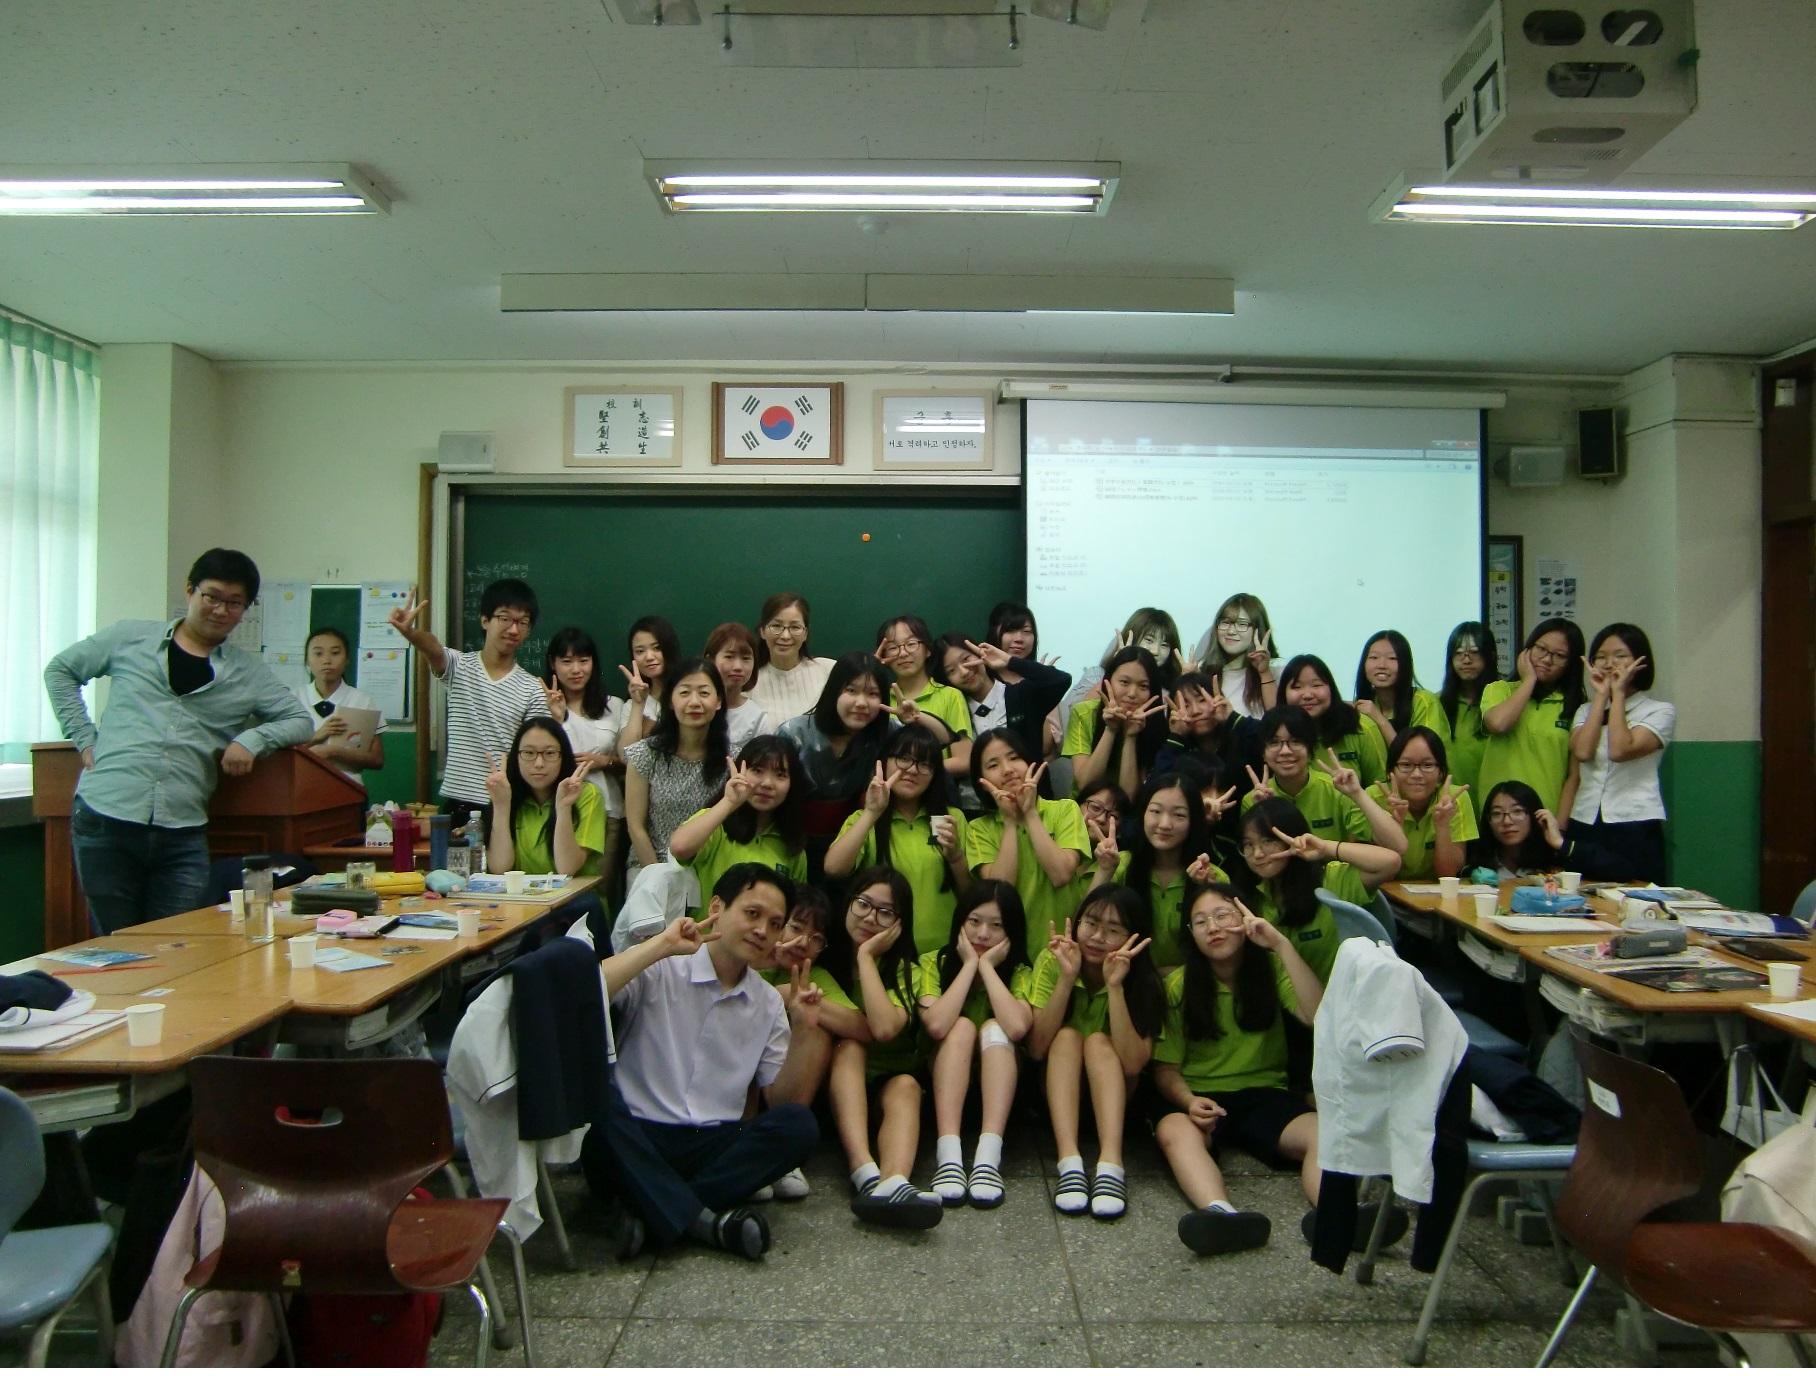 ④生徒さんが積極的に参加してくれたので、めっちゃ楽しかったです。